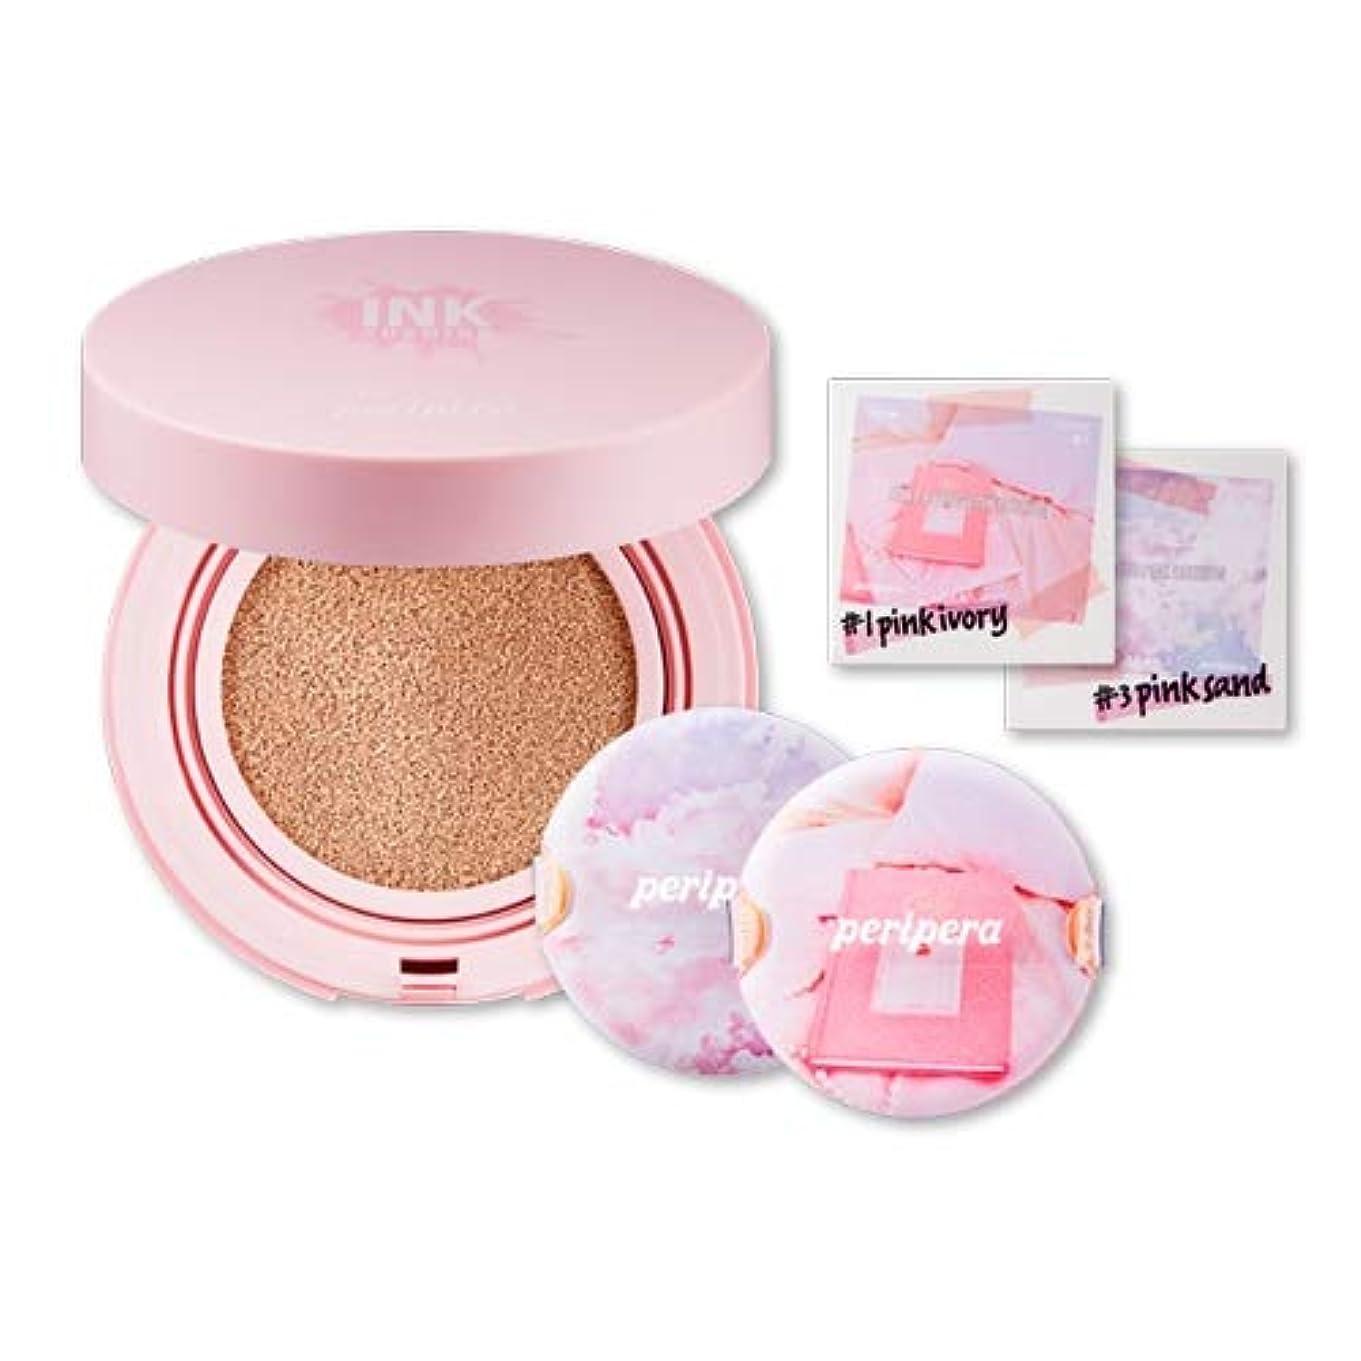 不誠実エアコン刺激するPeripera ペリペラ [ピンクの瞬間] インクラスティング ピンク クッション [Pink-Moment] Inklasting Pink Cushion (#3 Pink Sand) [並行輸入品]